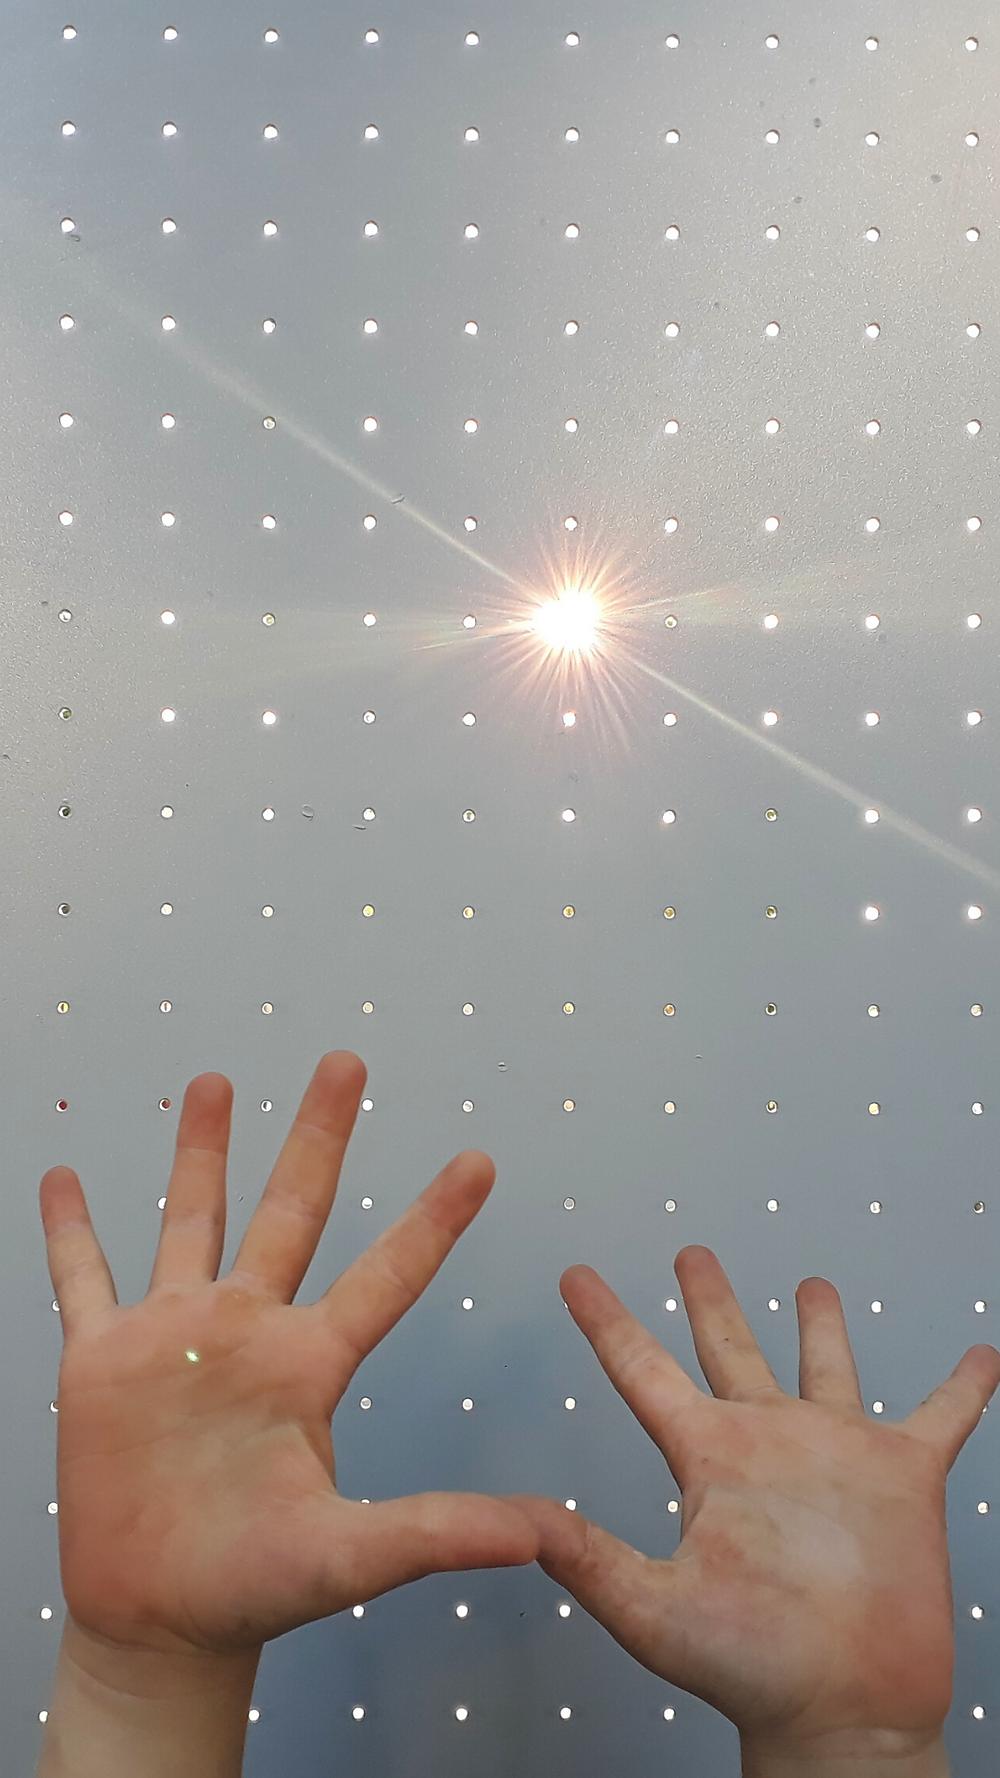 Zwei kleine Hände, die im Licht der Sonne, welches durch eine gepunktete Scheibe einfällt, spielen